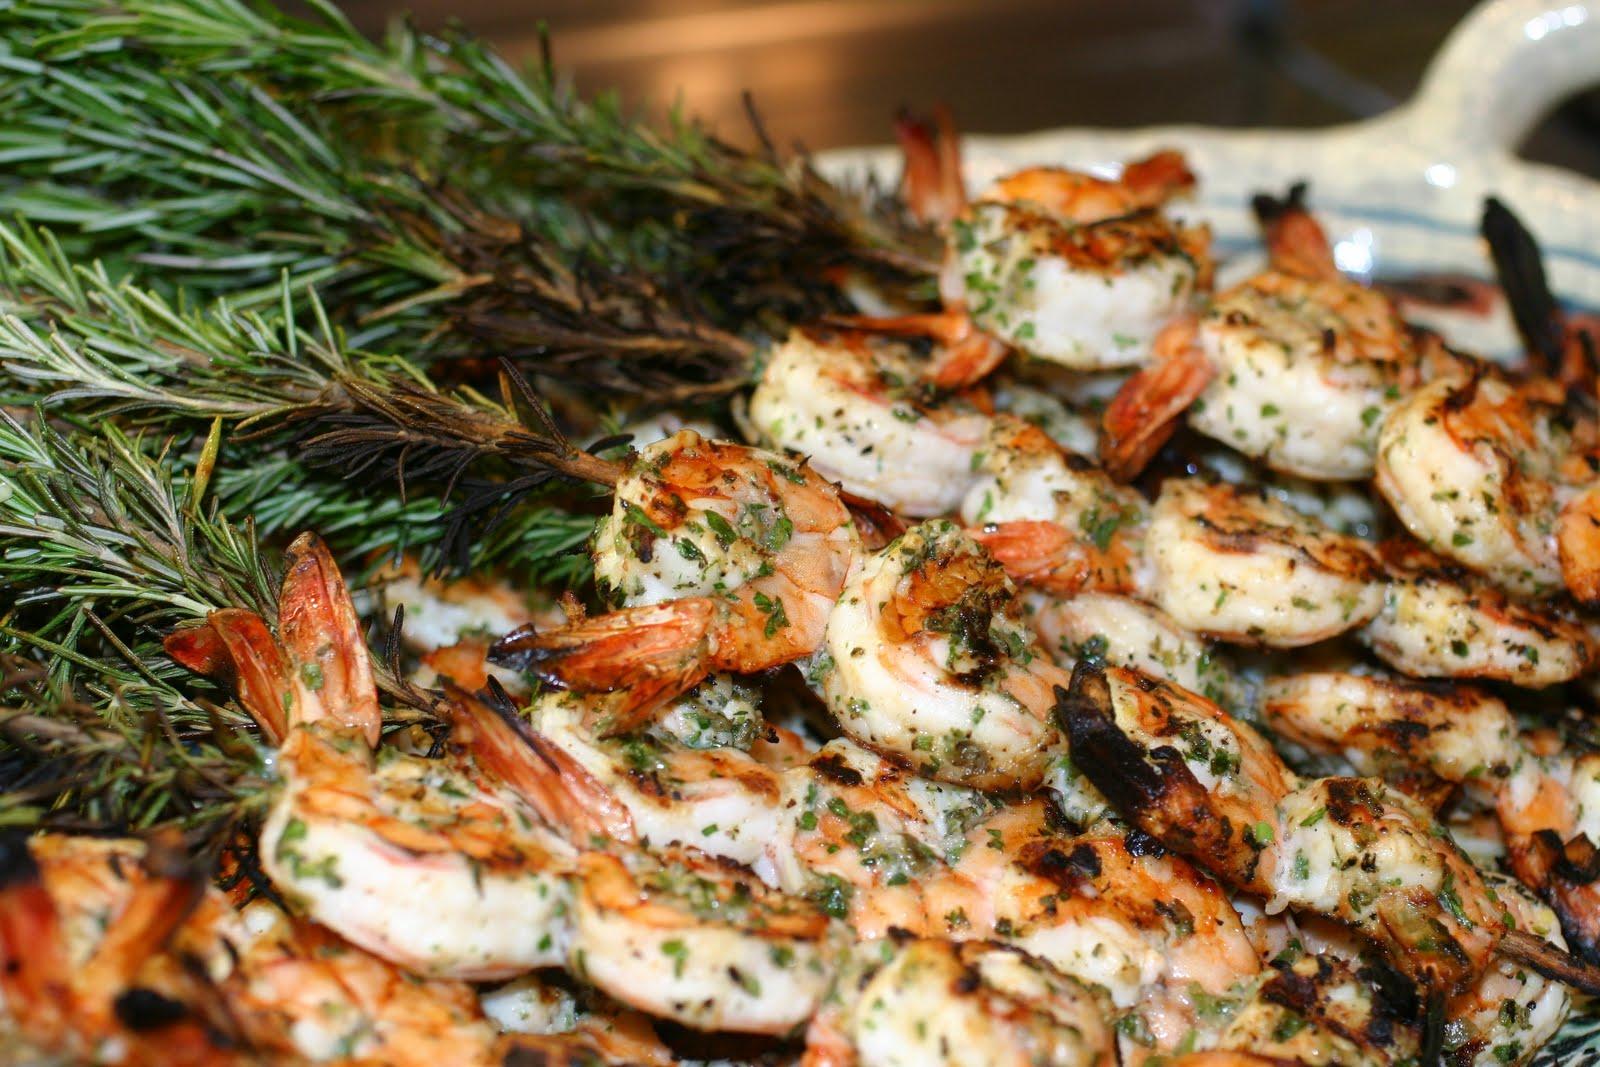 Olive garden grilled chicken spiedini for Olive garden cucina mia topping grilled chicken